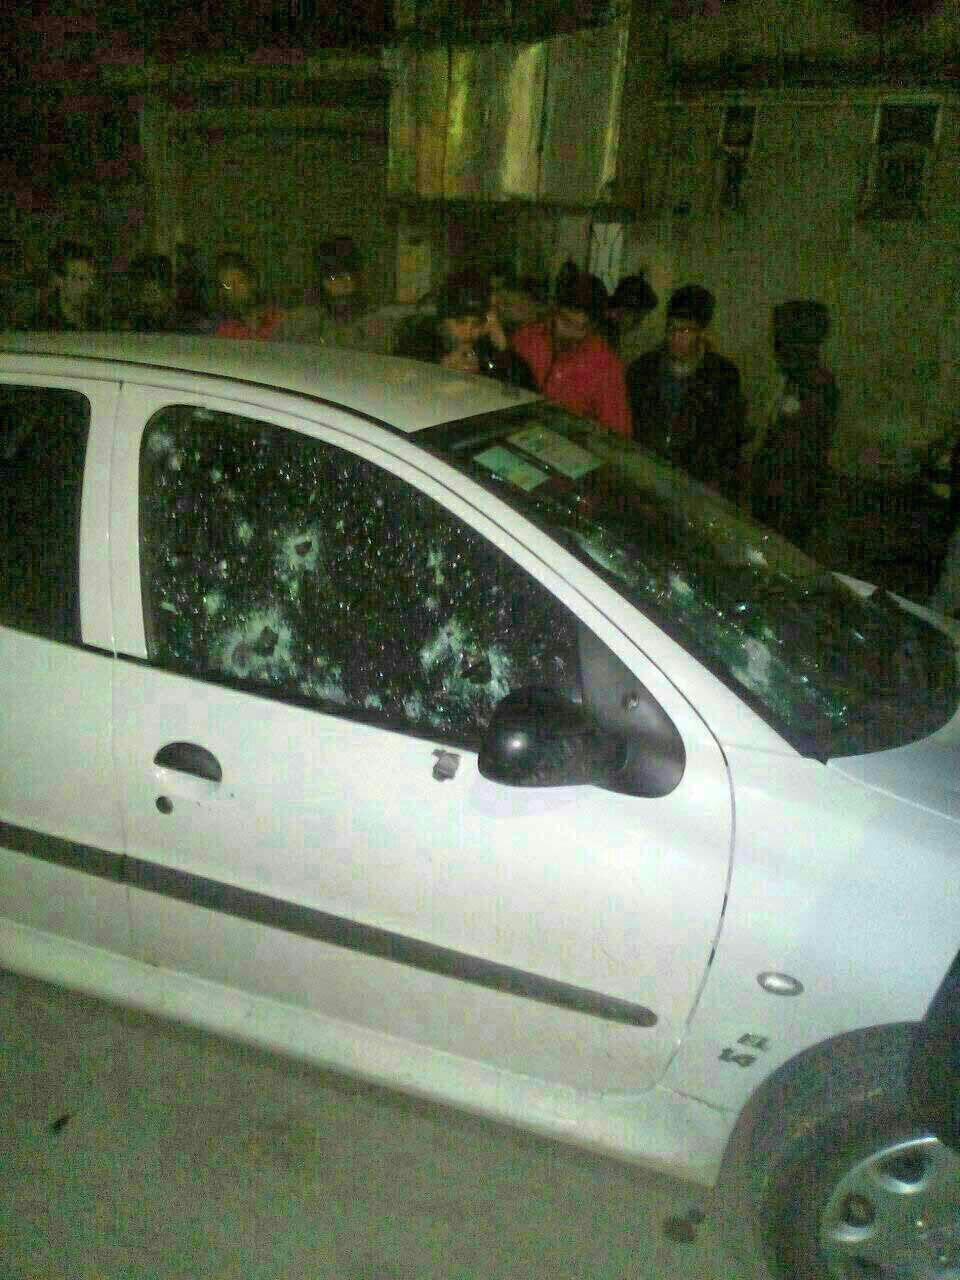 ماشین ملی پوش کشتی گلوله باران شد(+عکس)